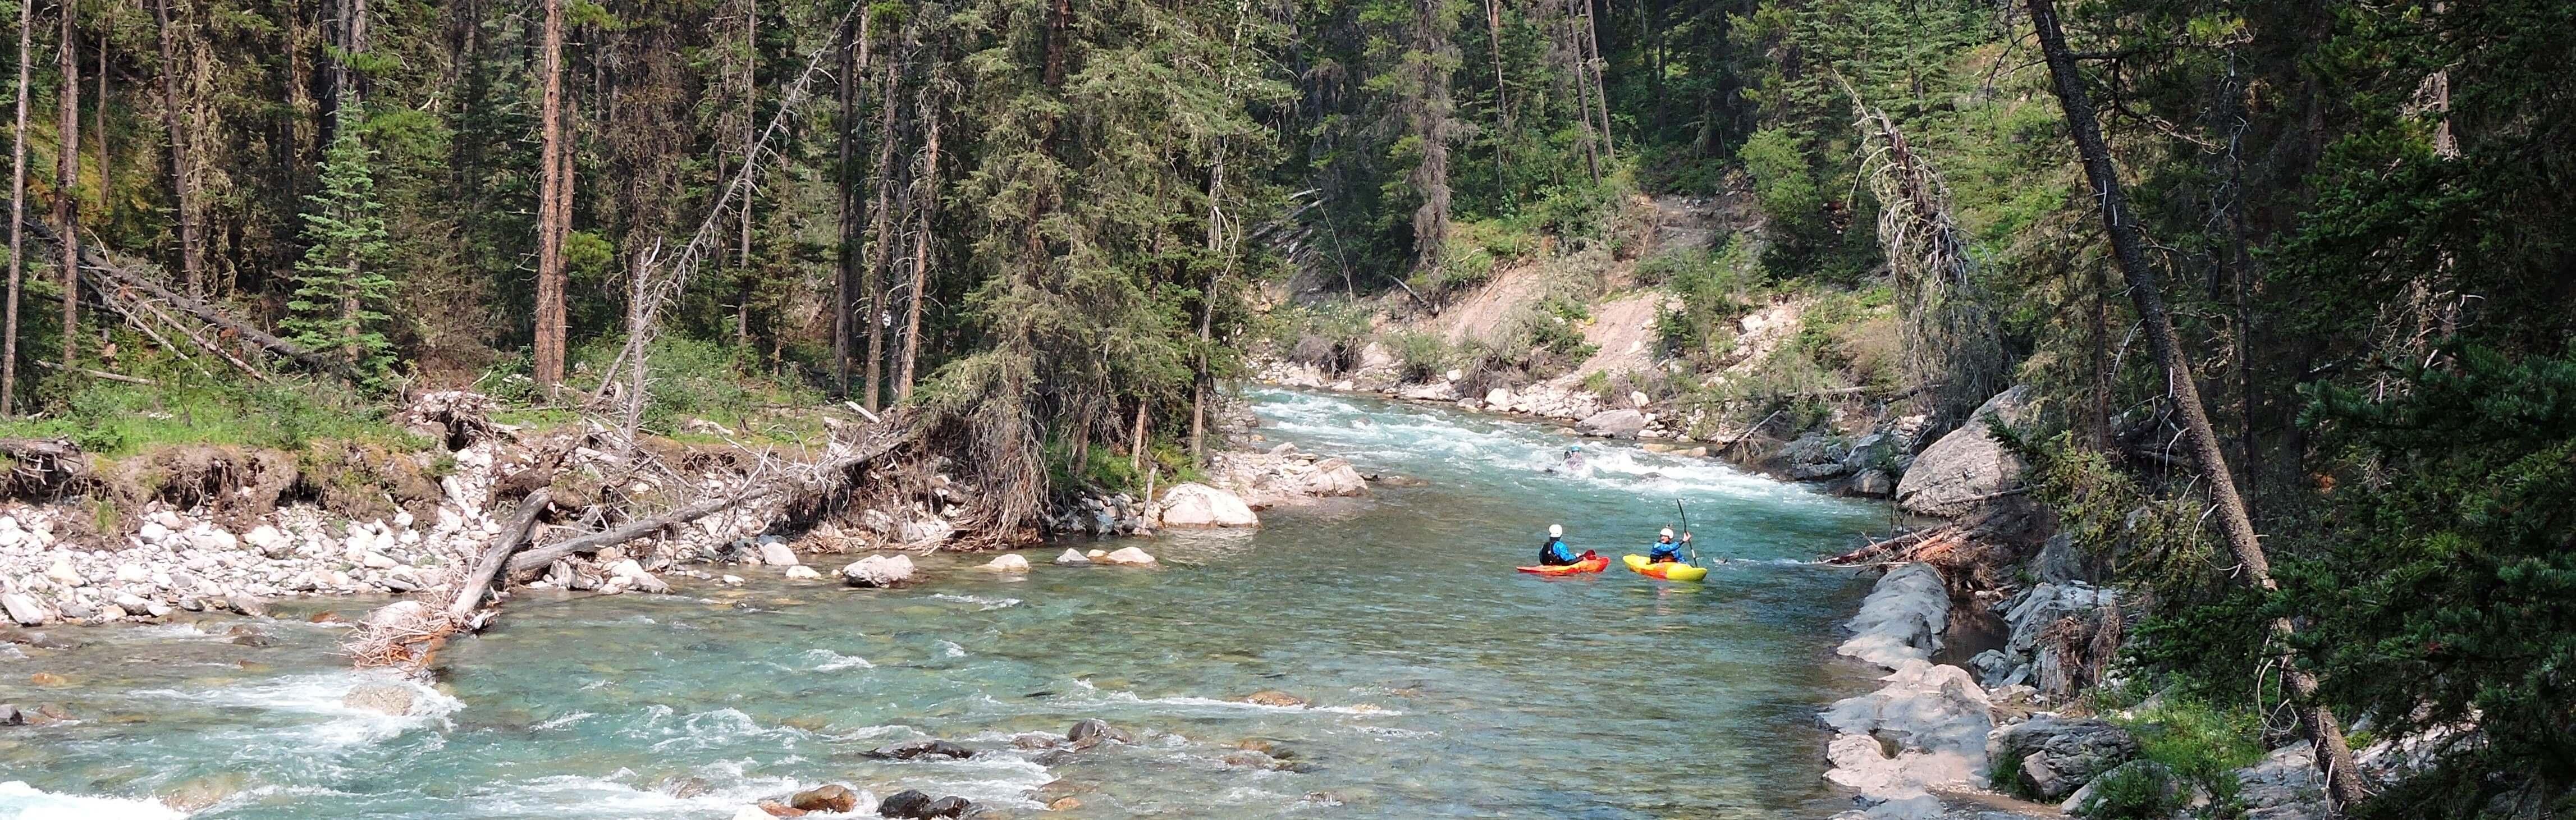 Cascade River Report